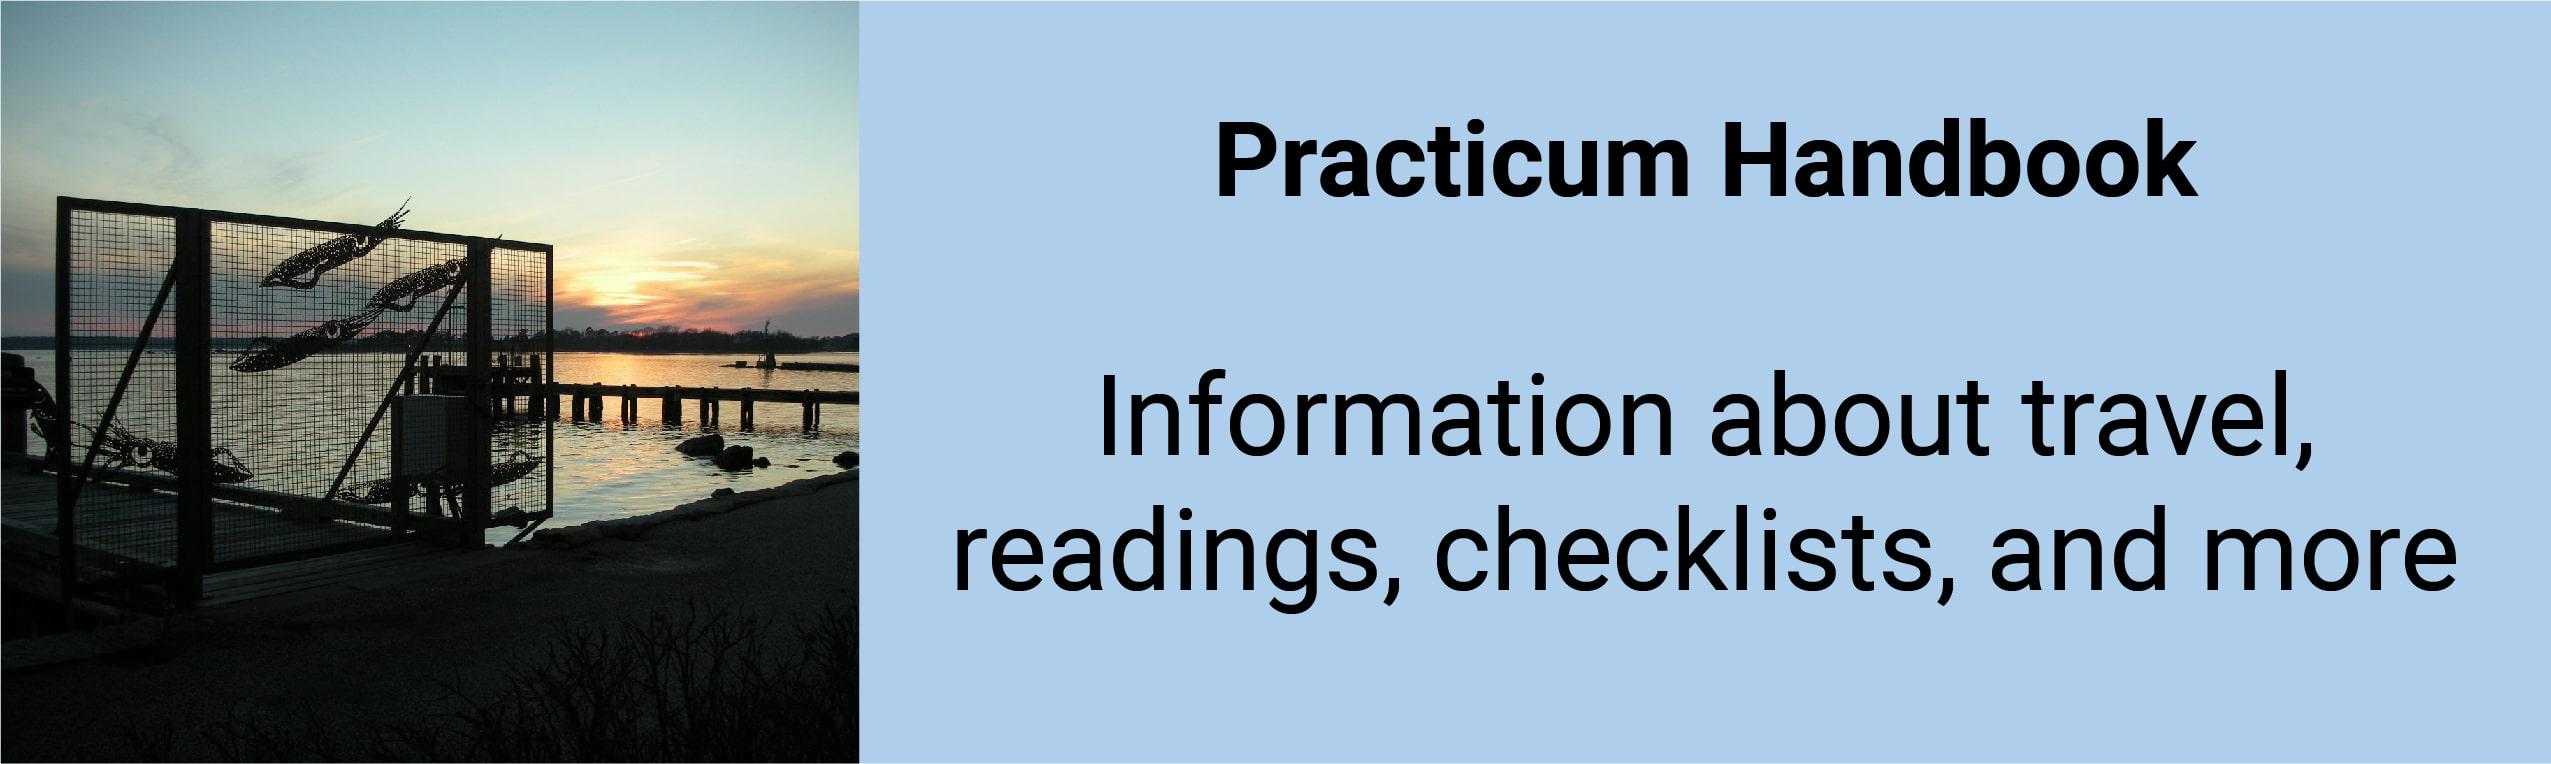 NeuroNex Practicum Handbook